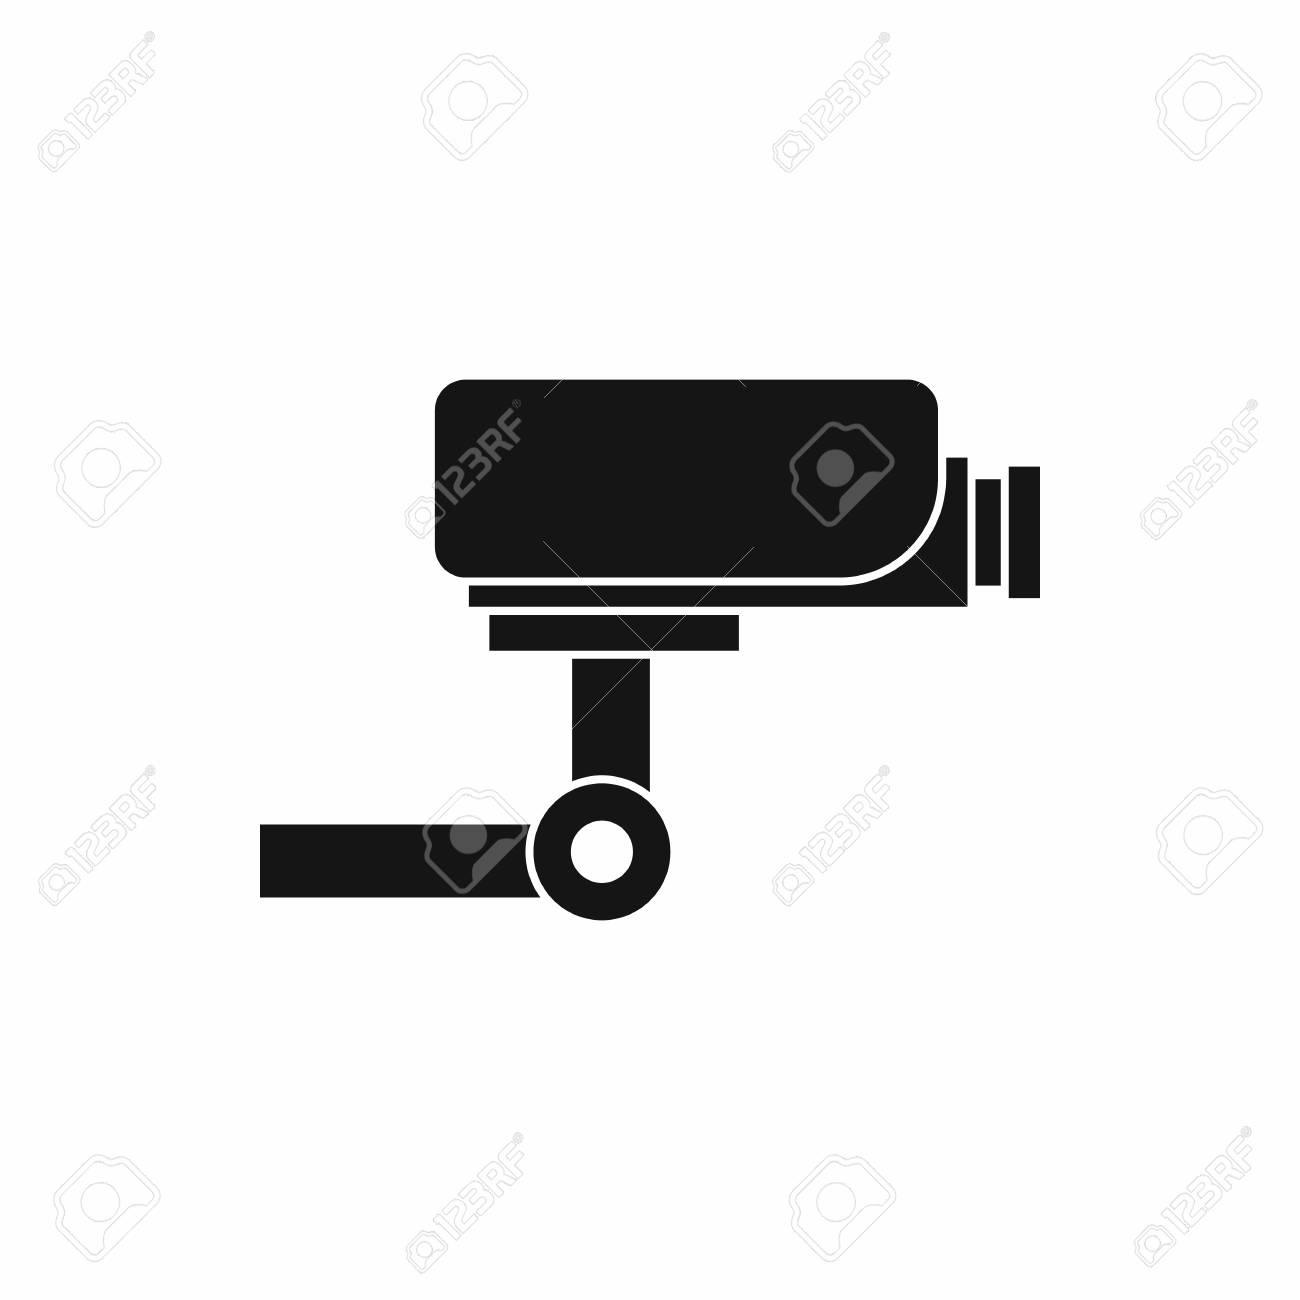 Circuito Sencillo : Icono de cámara de circuito cerrado de forma sencilla aislado sobre